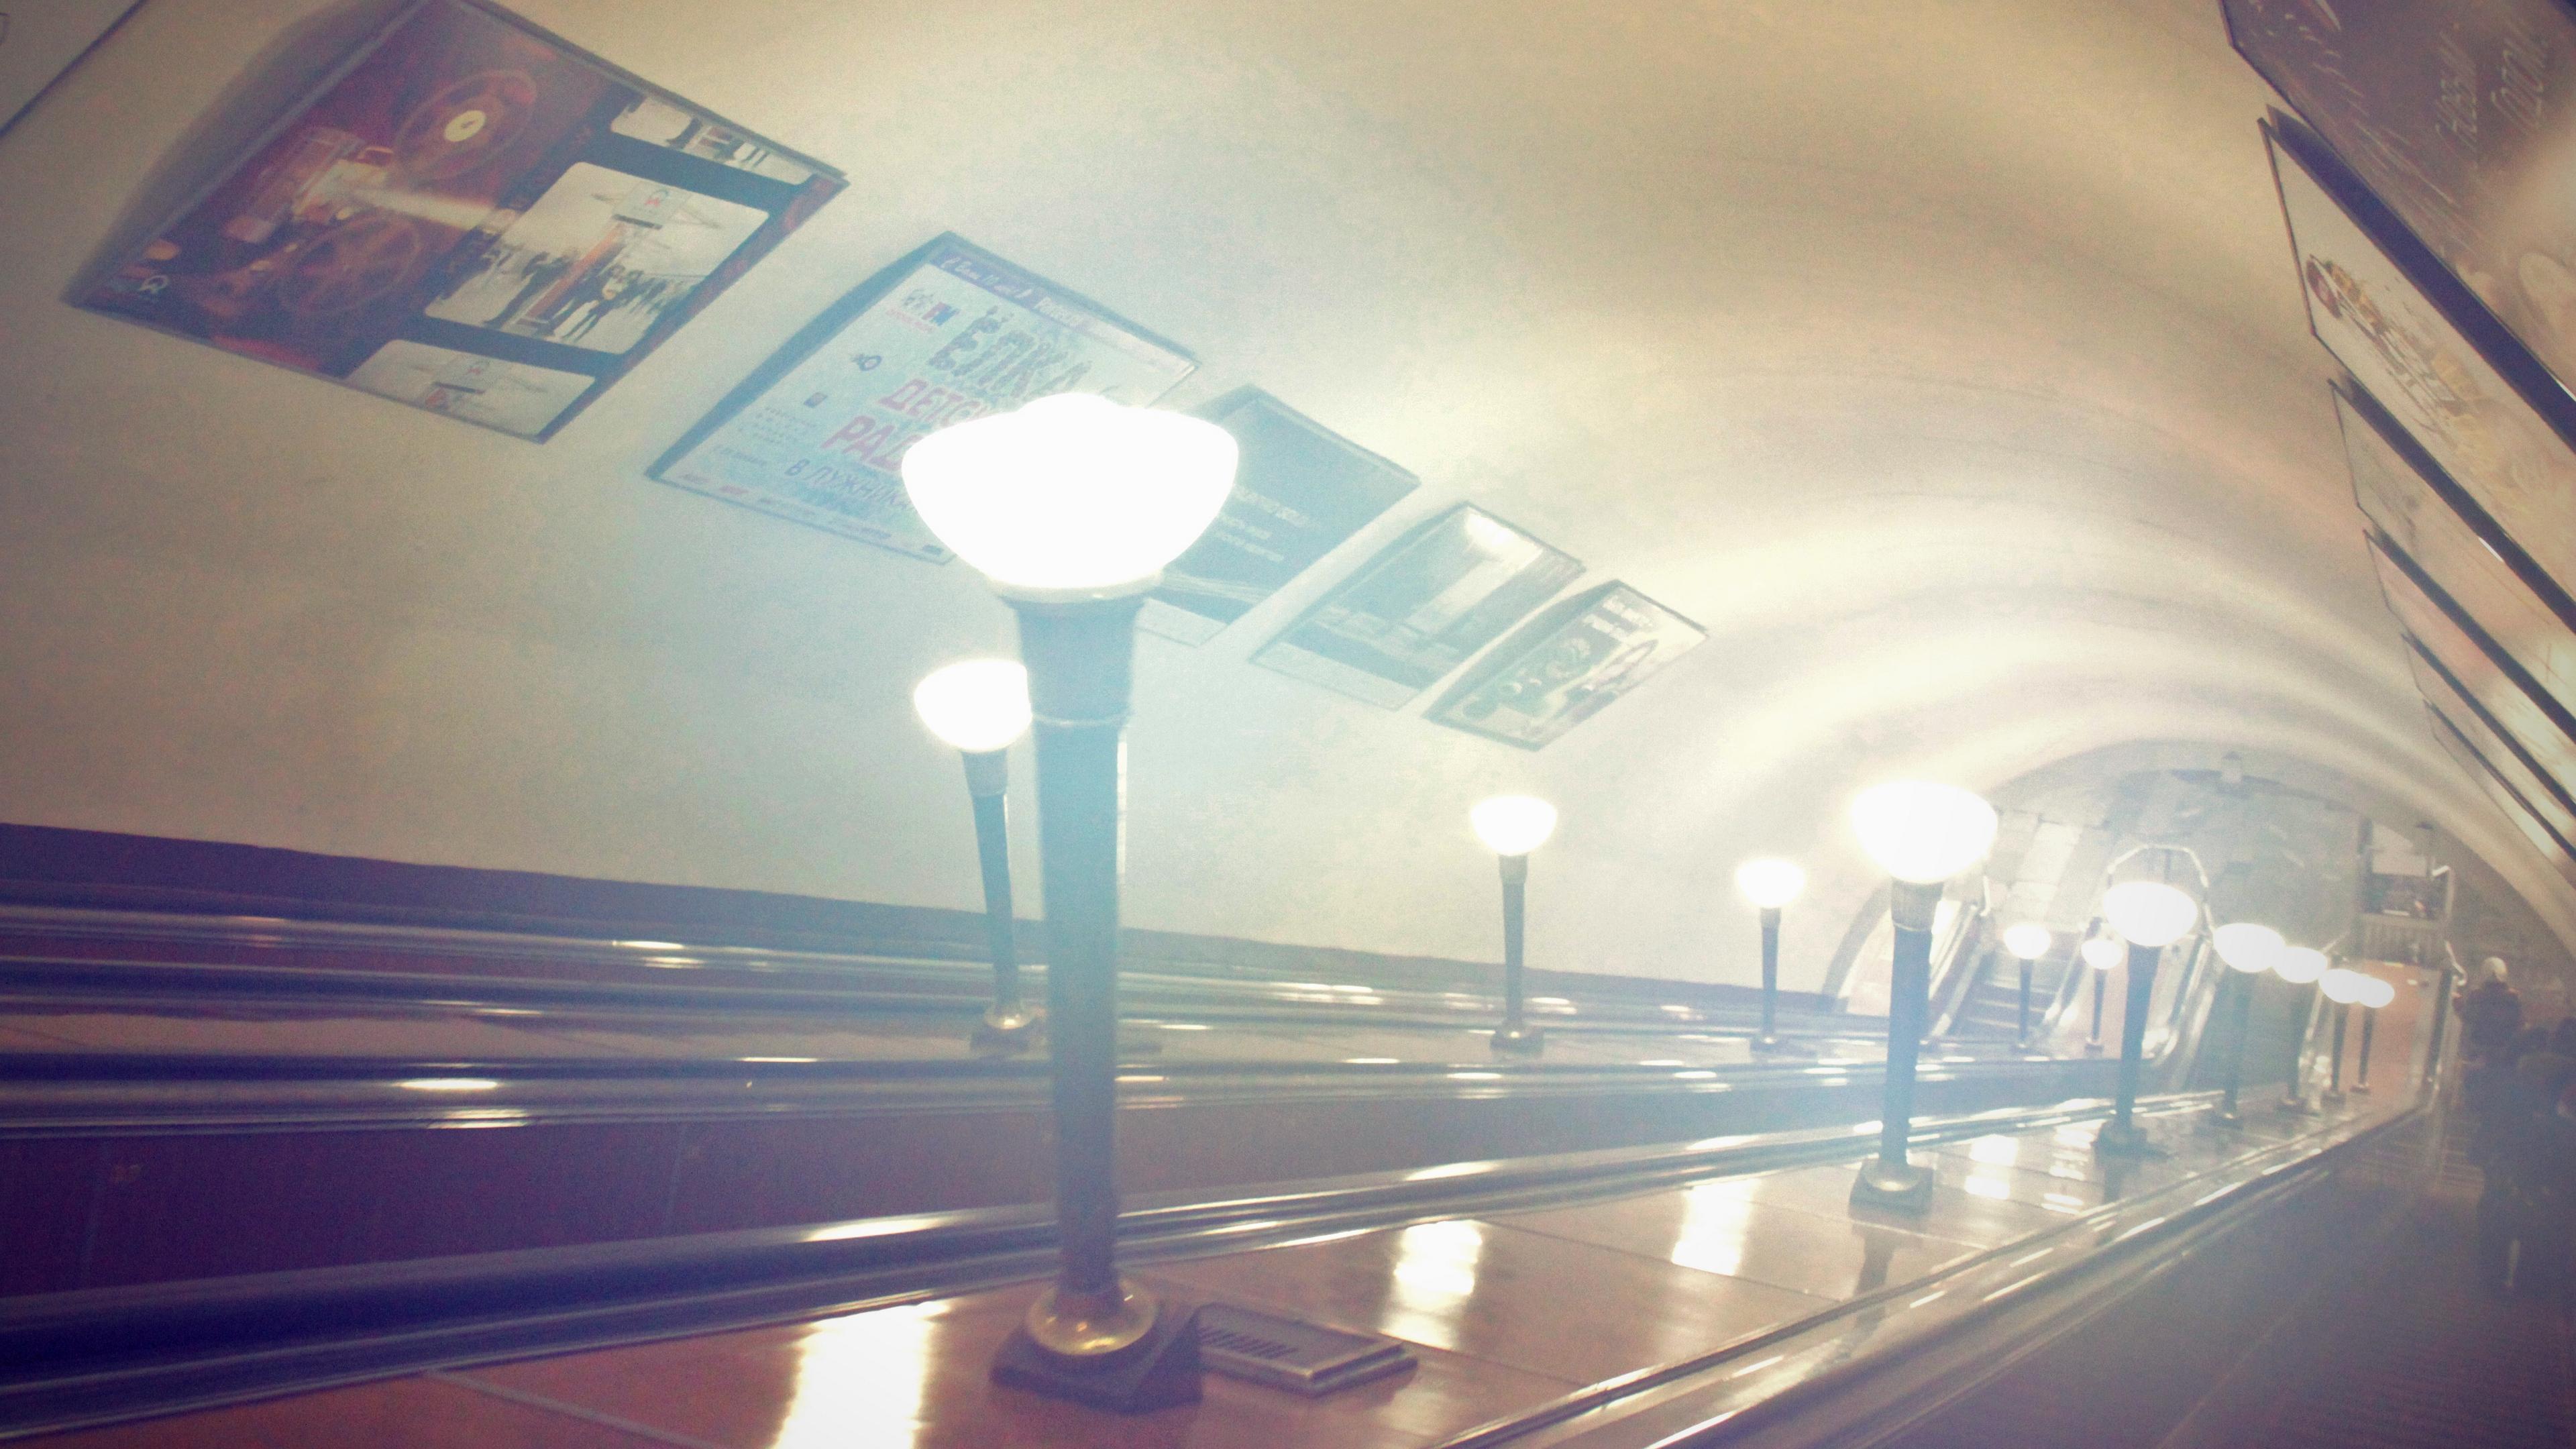 subway underground escalator 4k 1538064726 - subway, underground, escalator 4k - underground, subway, escalator